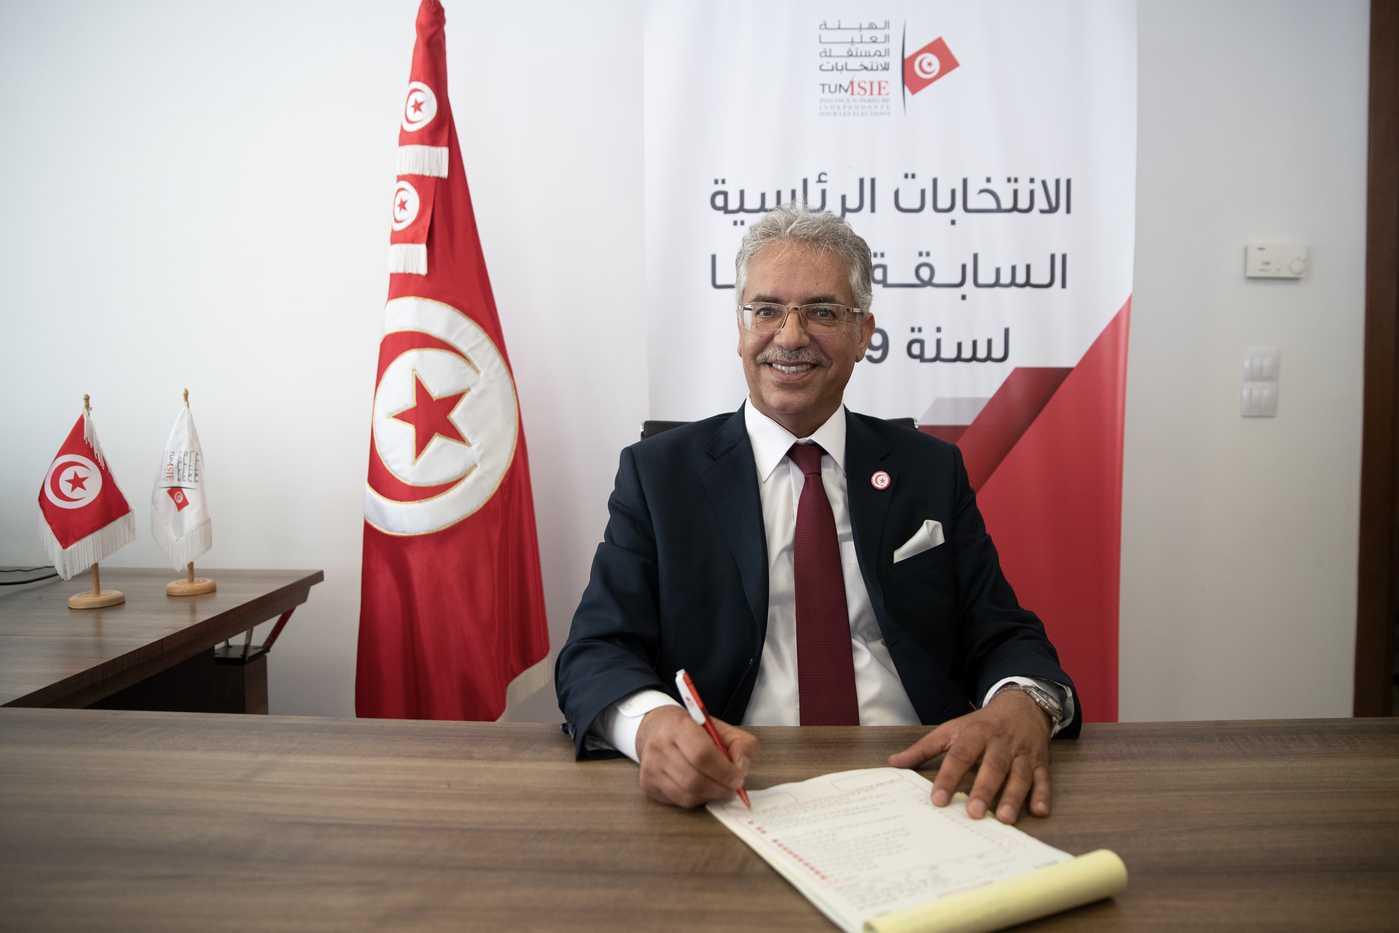 المرشح للرئاسة عمر منصور يتهم هؤلاء بالسيطرة على الدولة